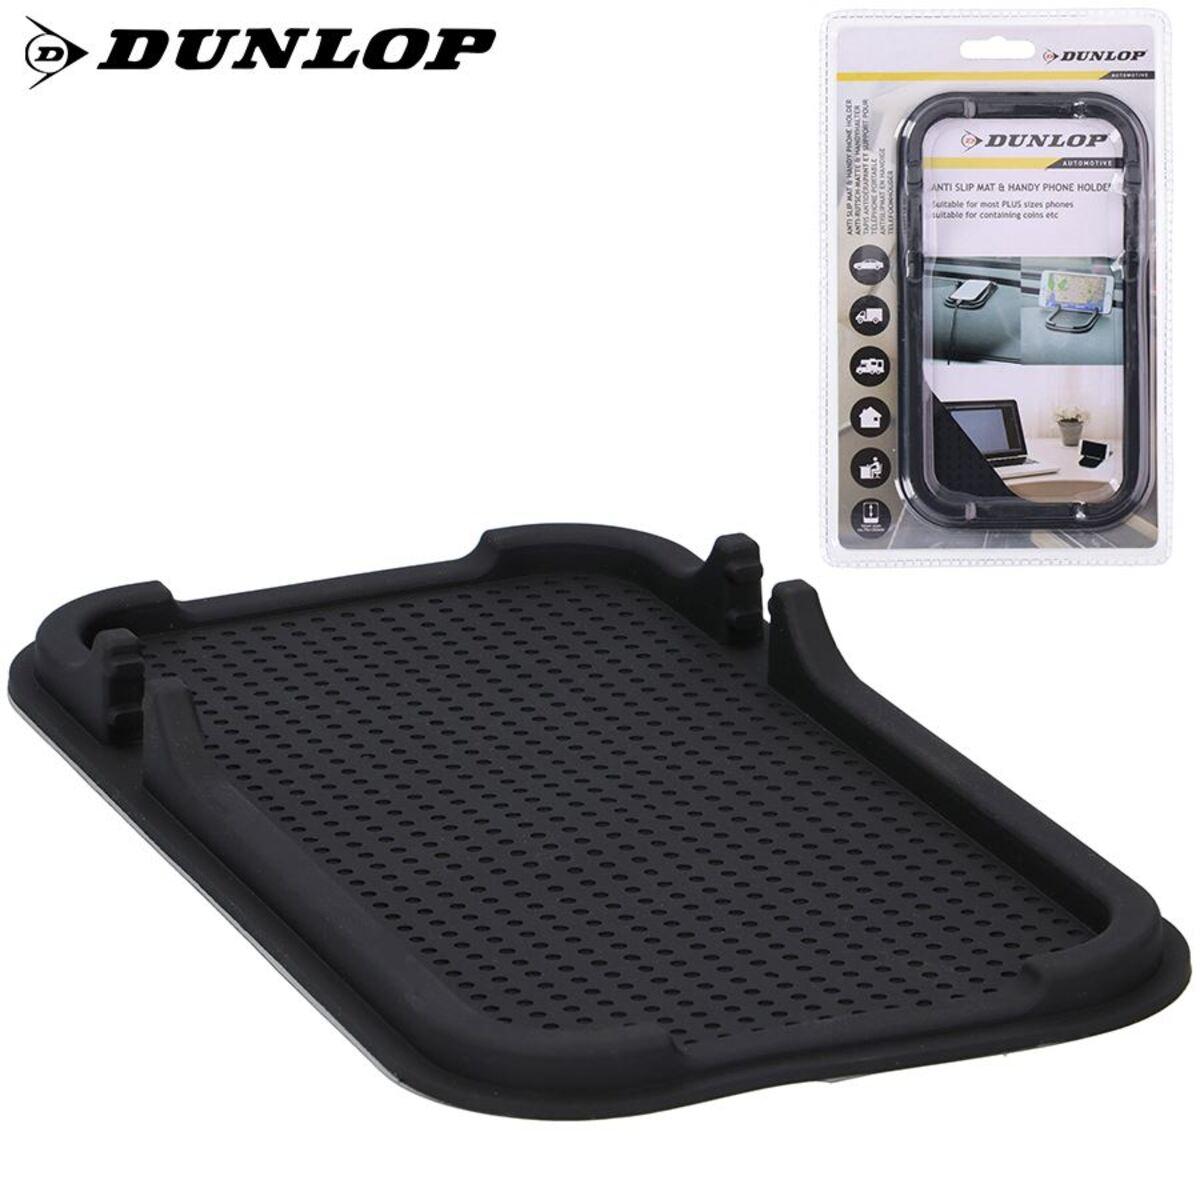 Bild 1 von Dunlop Anti-Rutschmatte & Auto-Handyhalter